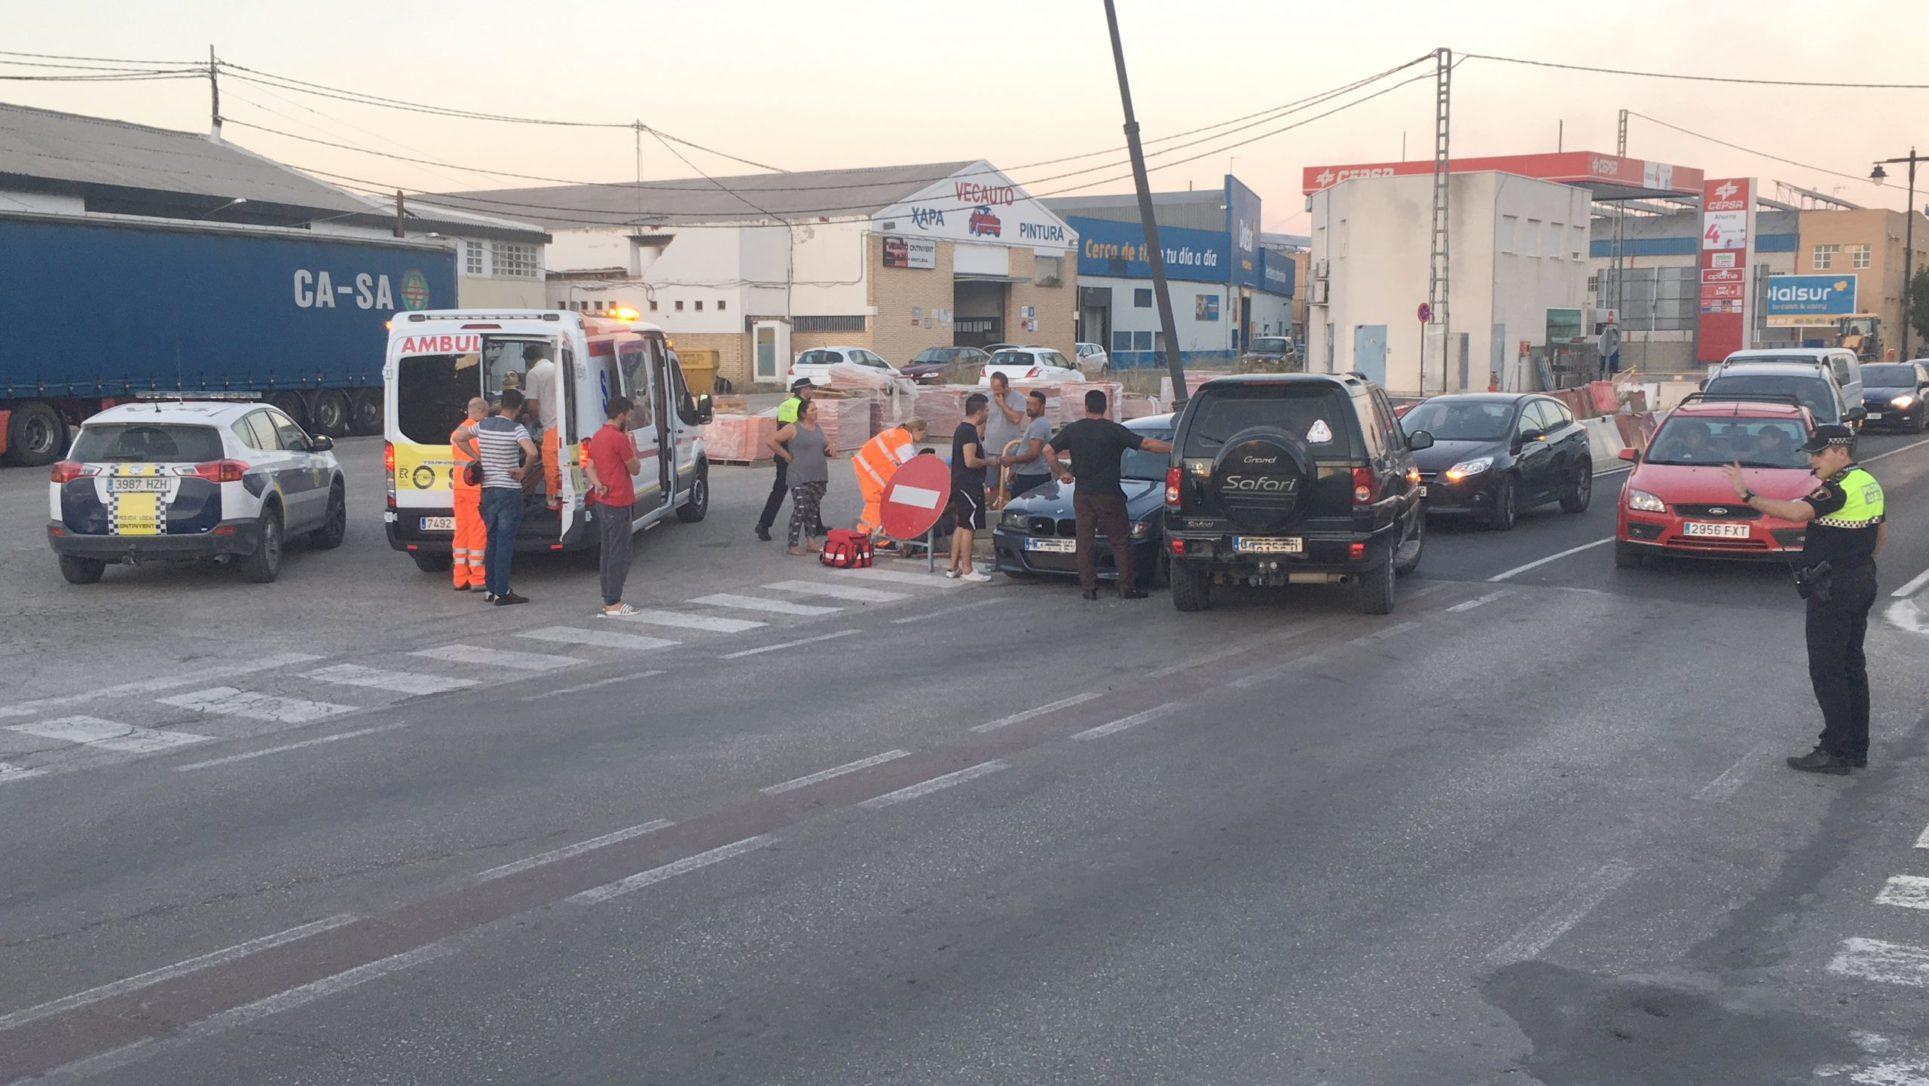 Accident amb ferits a l'Avinguda del Tèxtil El Periòdic d'Ontinyent - Noticies a Ontinyent